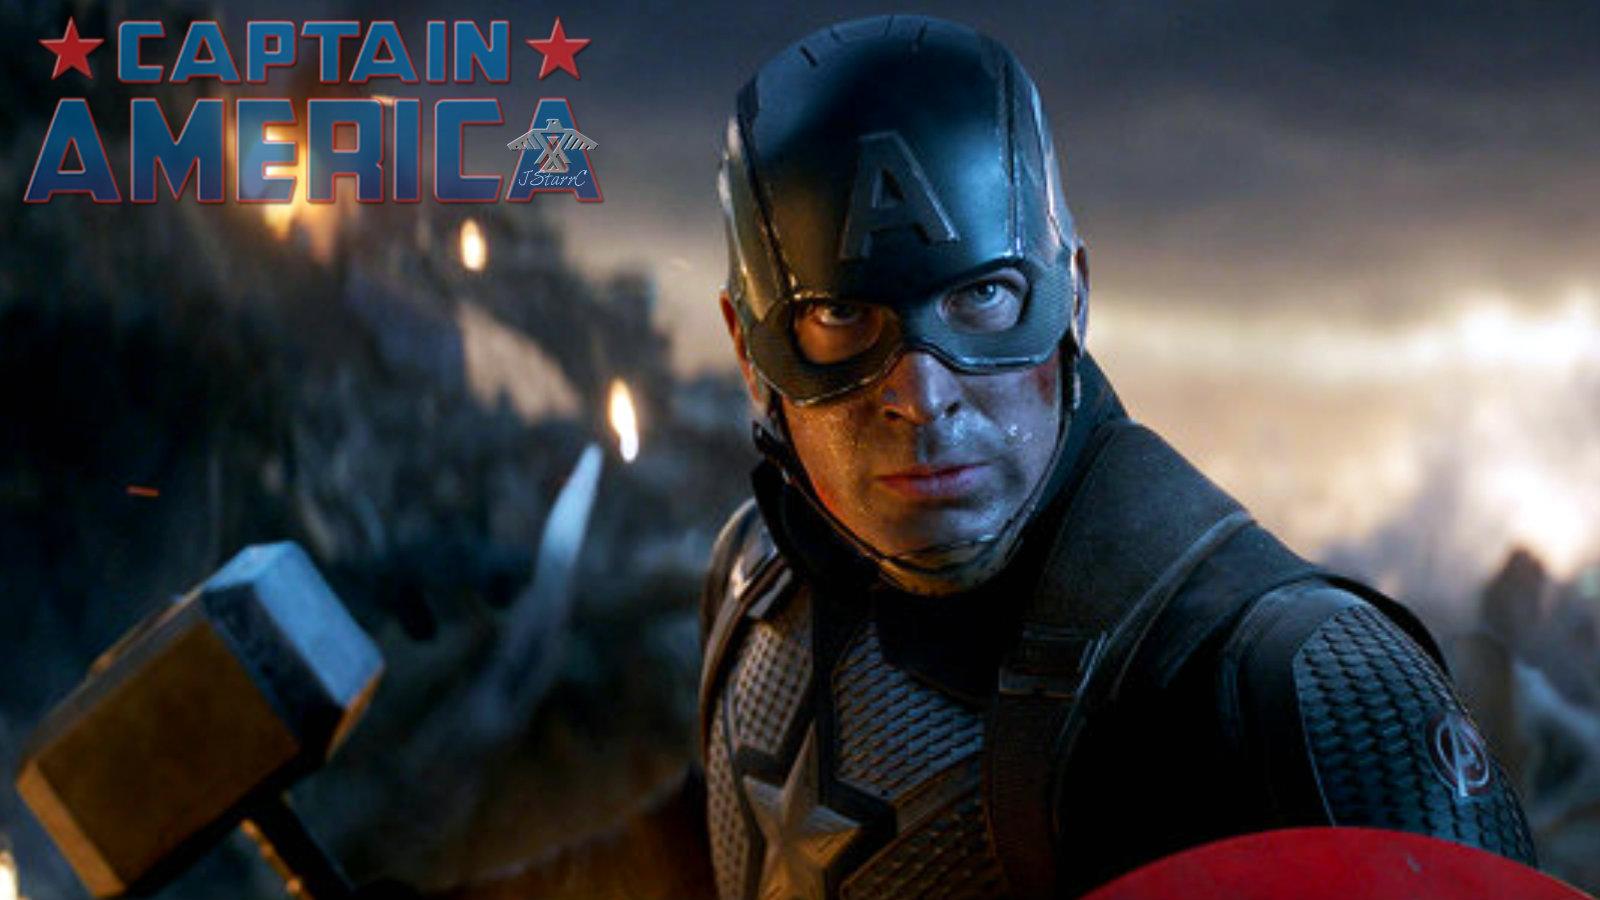 Captain America In Avengers Endgame 2019 Avengers Infinity